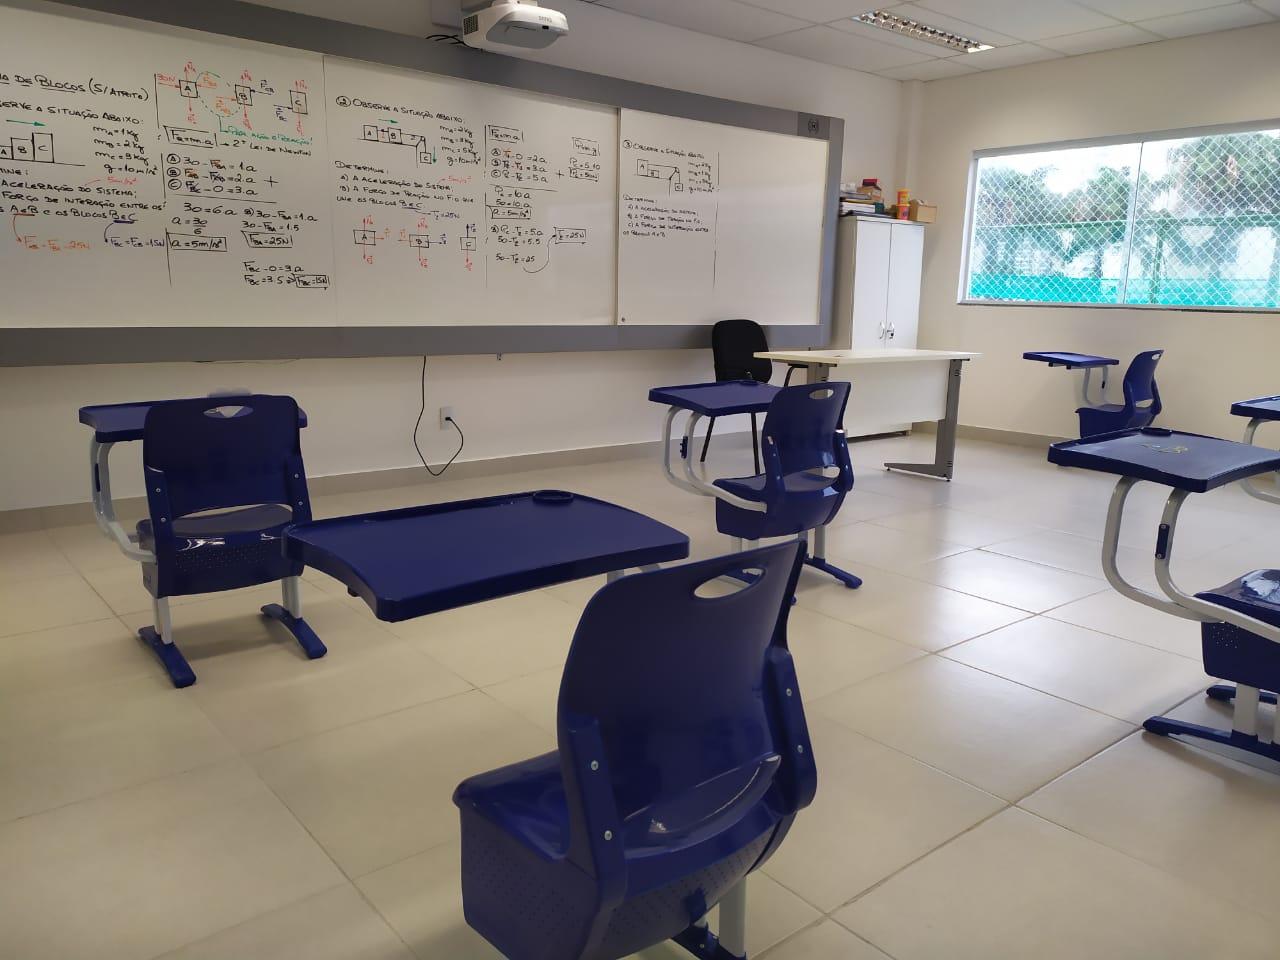 Sala de aula com distanciamento entre carteiras no Colégio Objetivo, no Rio